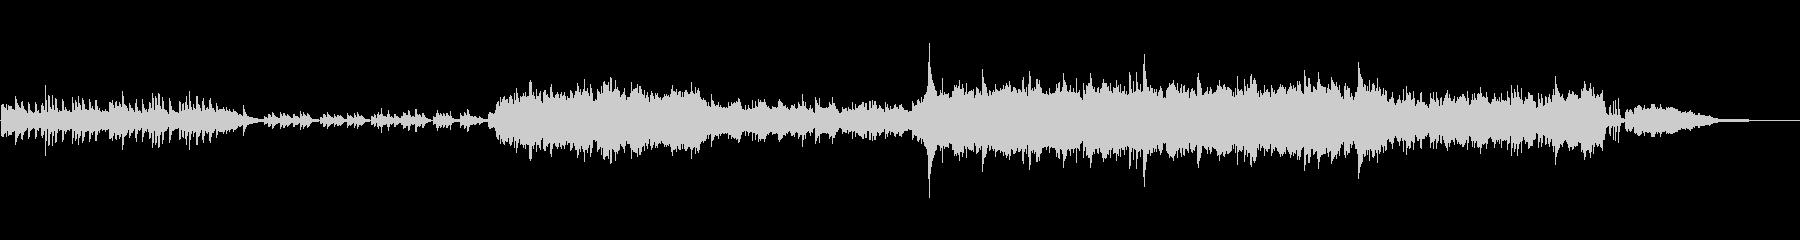 ピアノと弦楽器の和風で切ない映像用BGMの未再生の波形